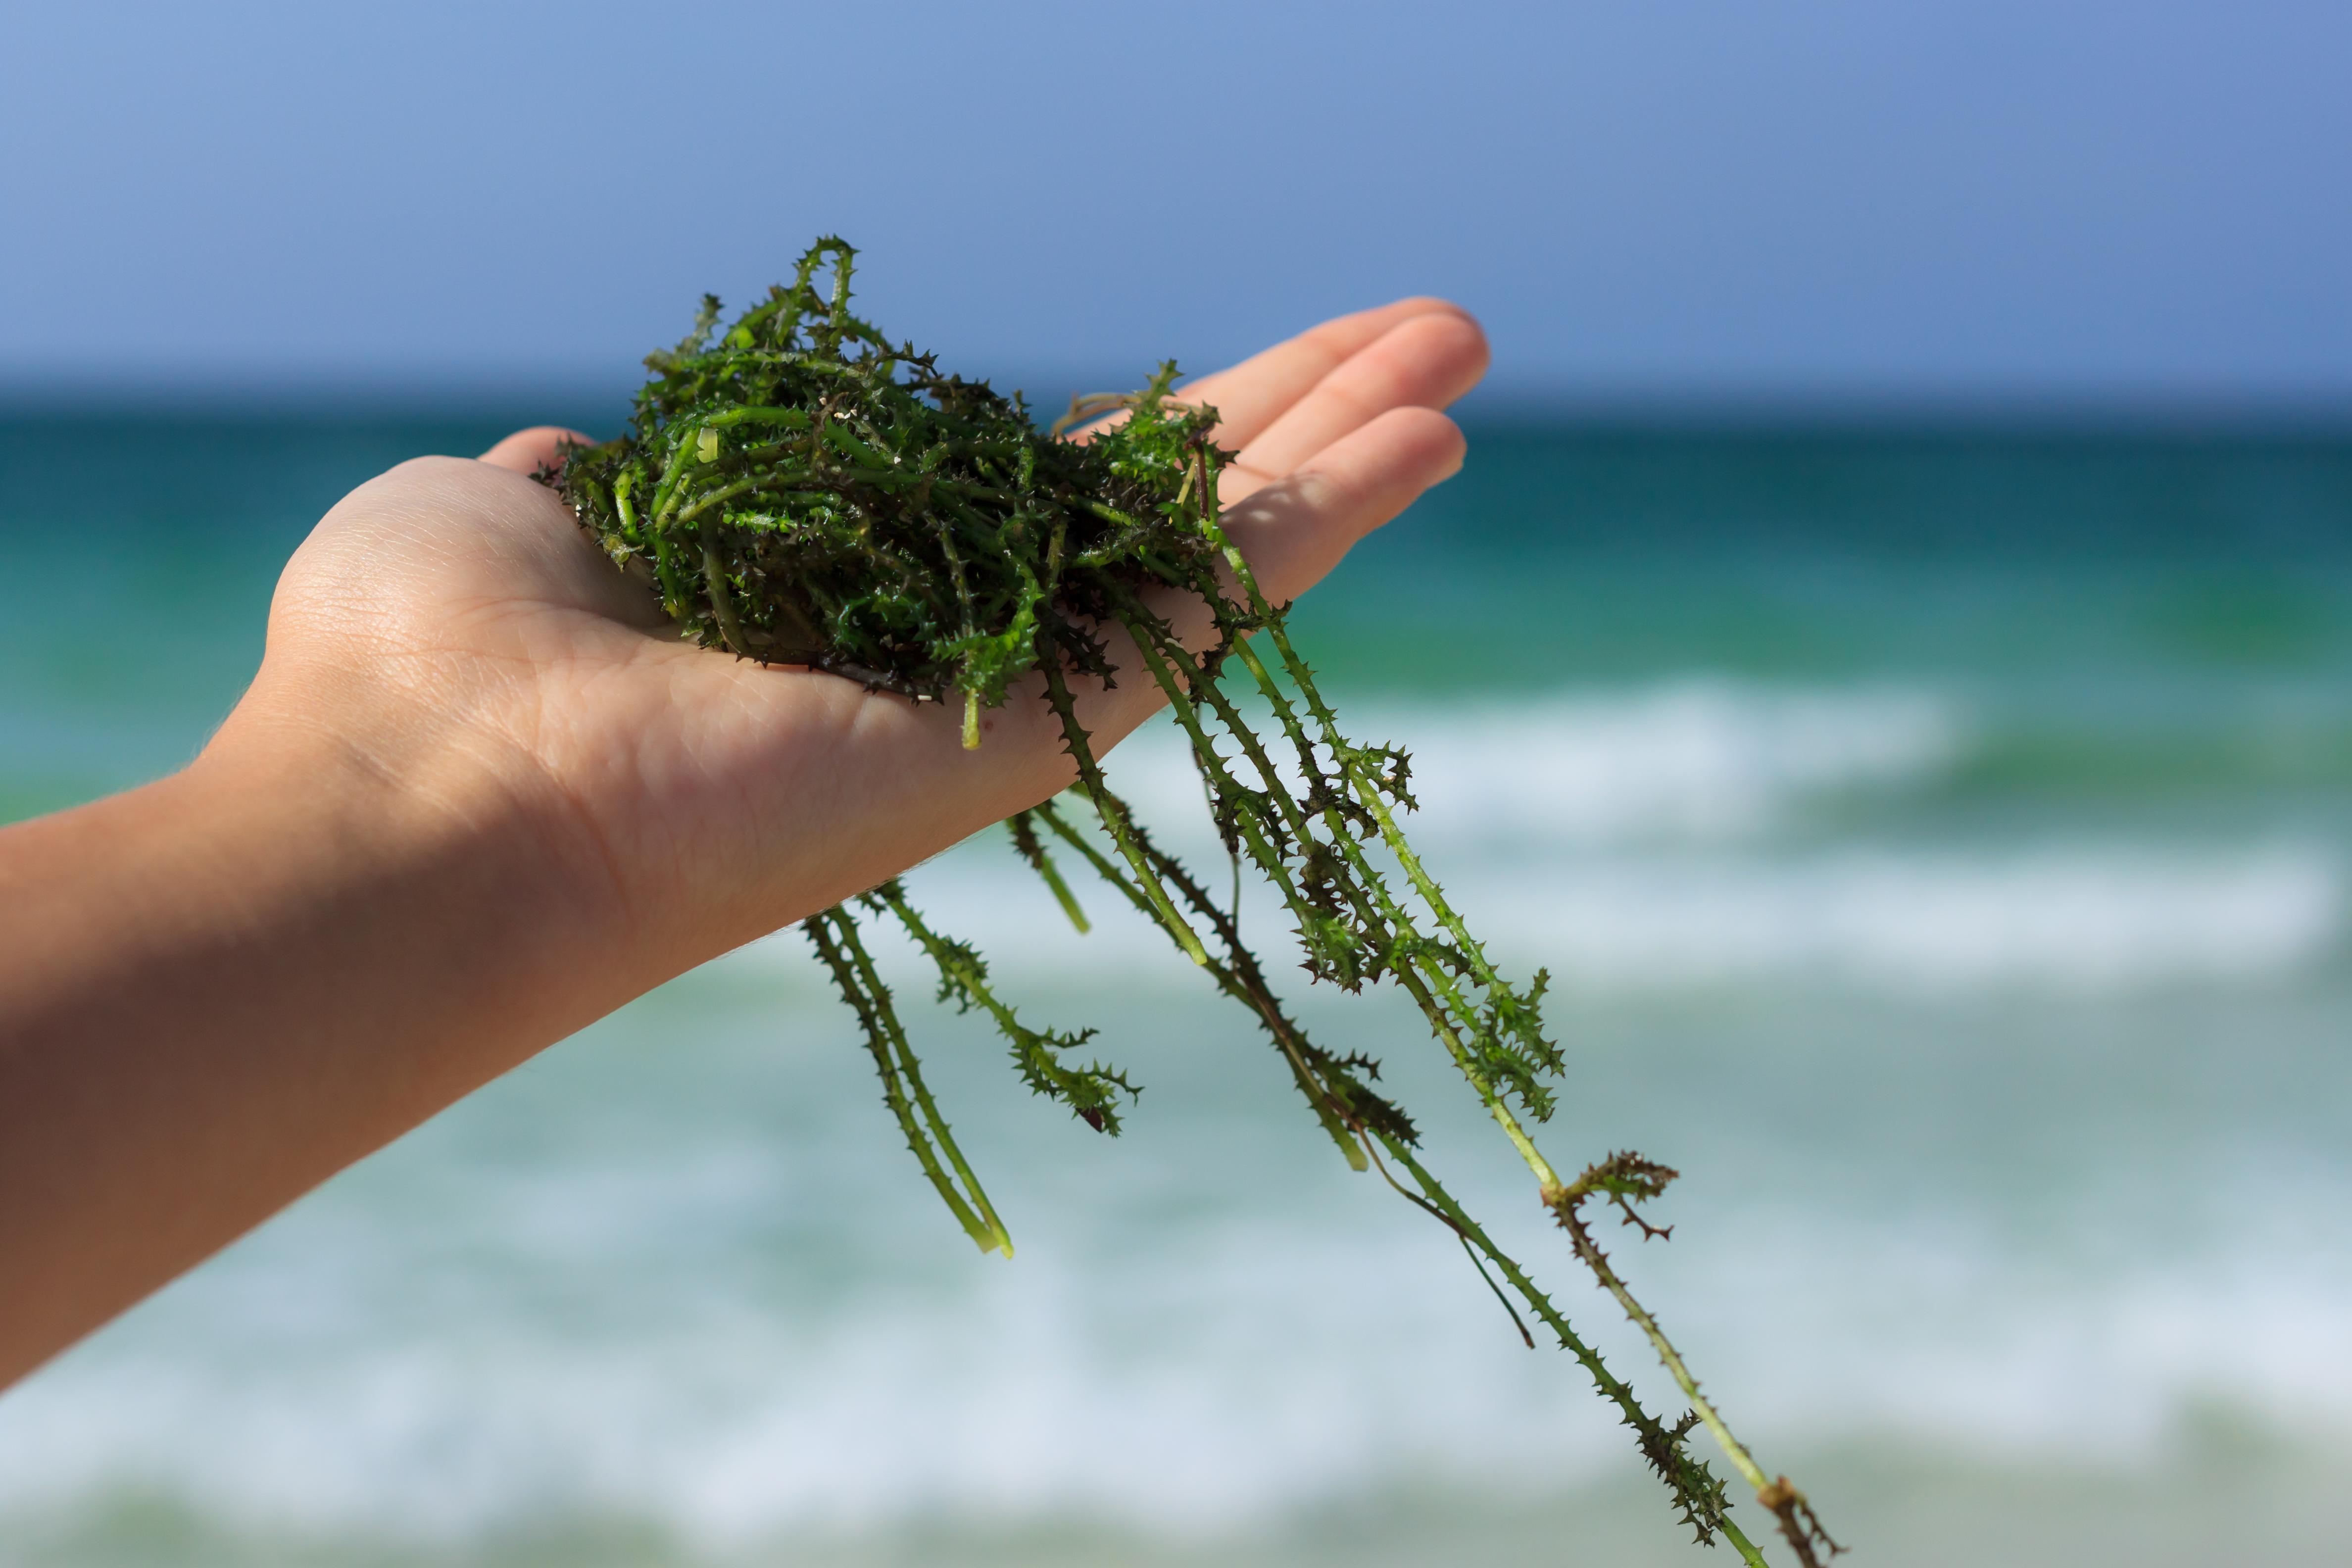 Totalt finns hundratals sorters tång i havet, men de flesta odlas inte kommersiellt.